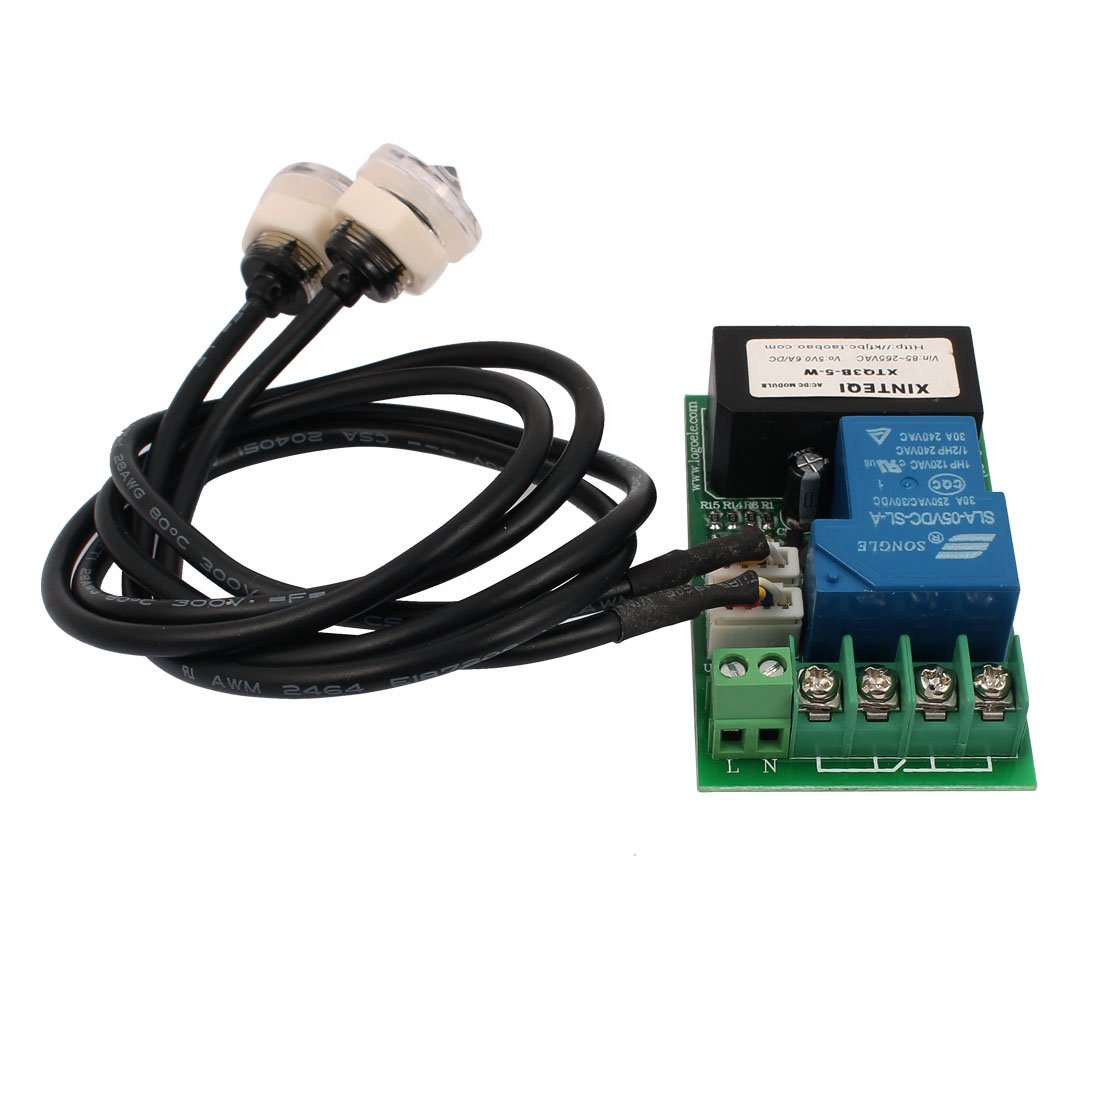 uxcell Dual Liquid Level Detection Sensor Module Infrared Level Alarm: Amazon.com: Industrial & Scientific